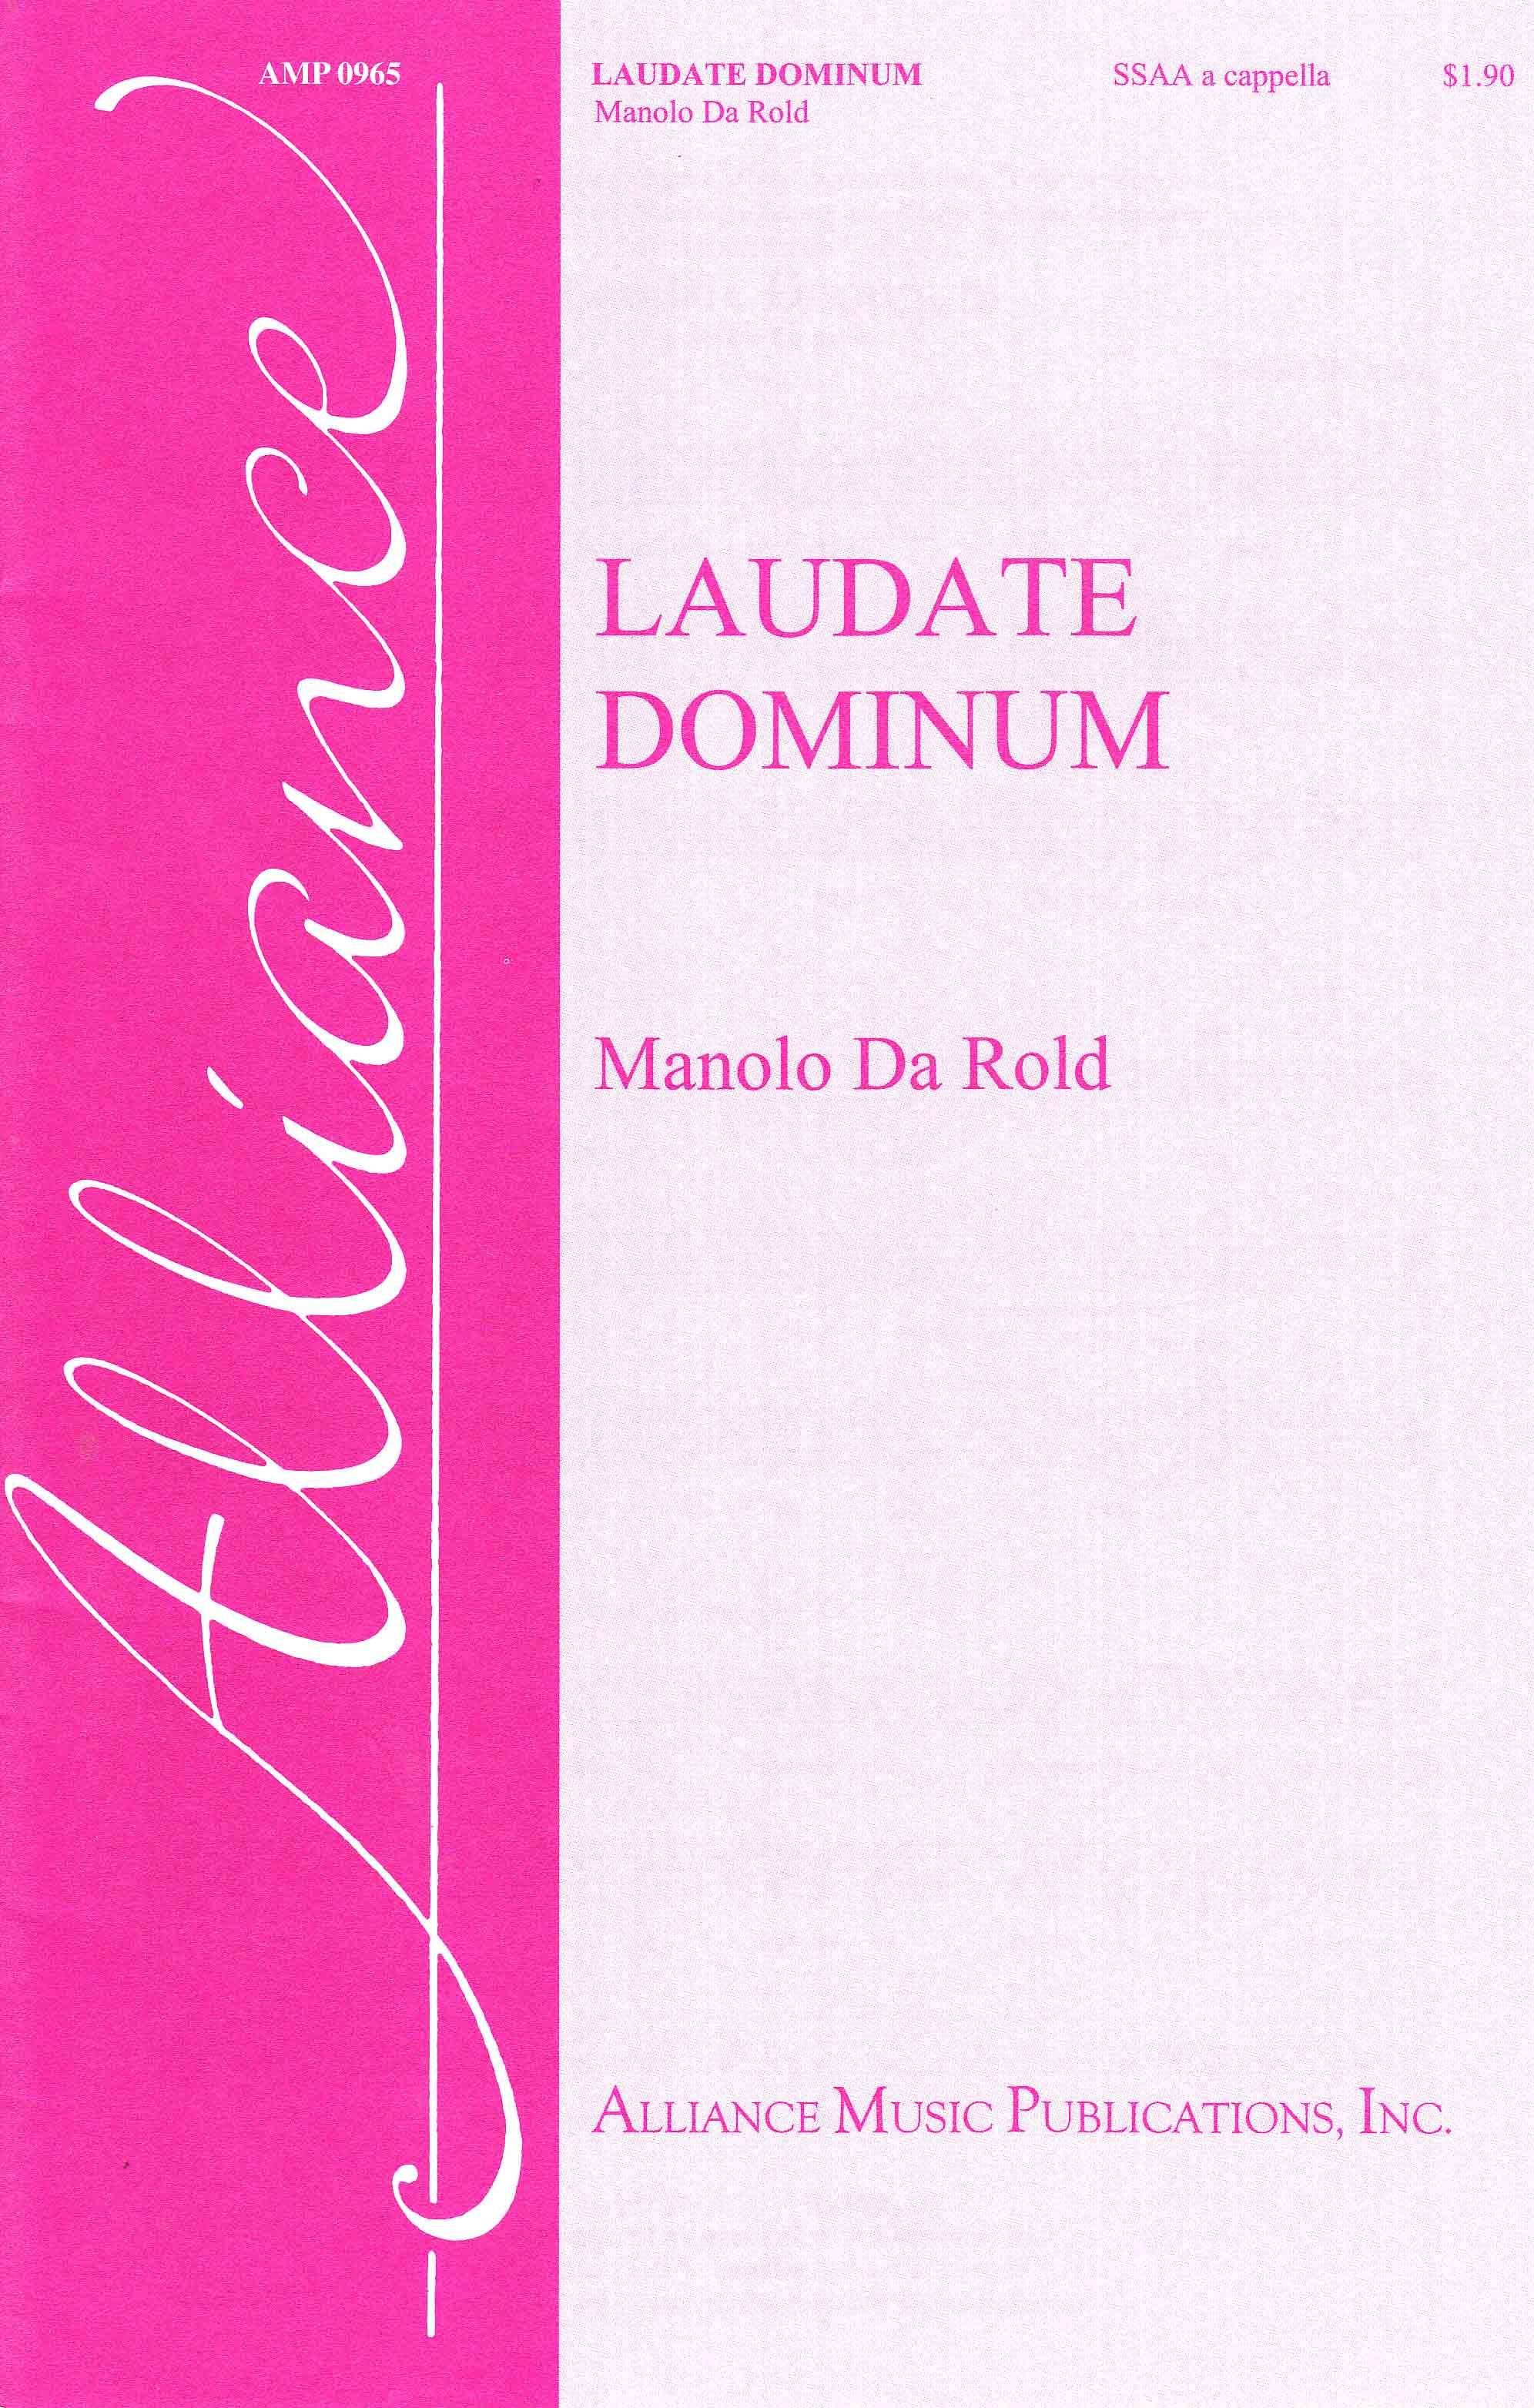 Alliance Music Publications Inc  - Laudate Dominum